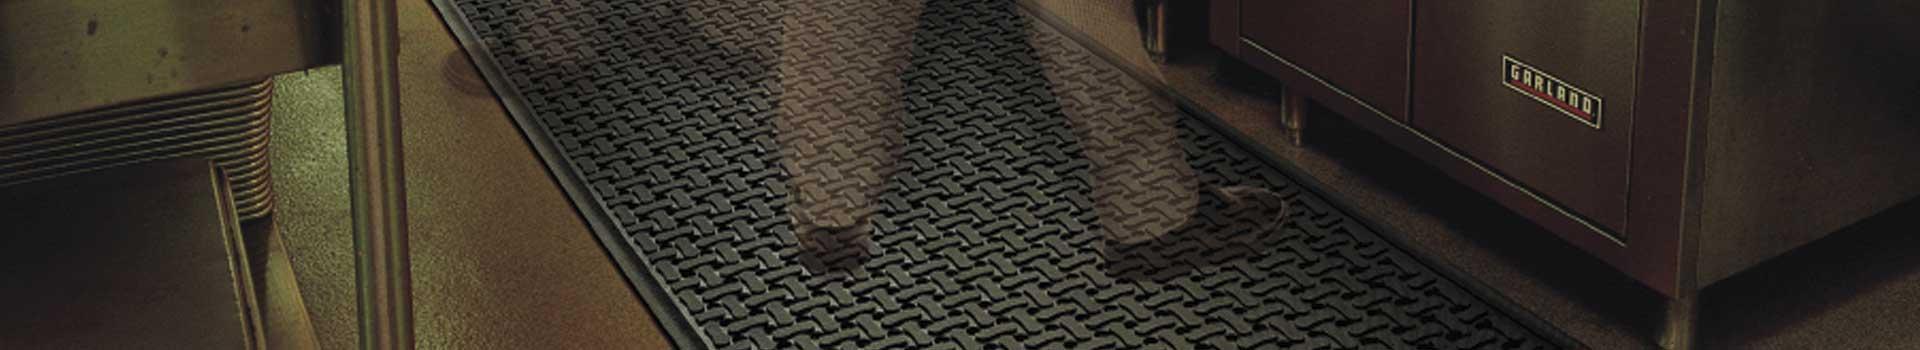 Imagen de alfombra antifatiga y antisuciedad